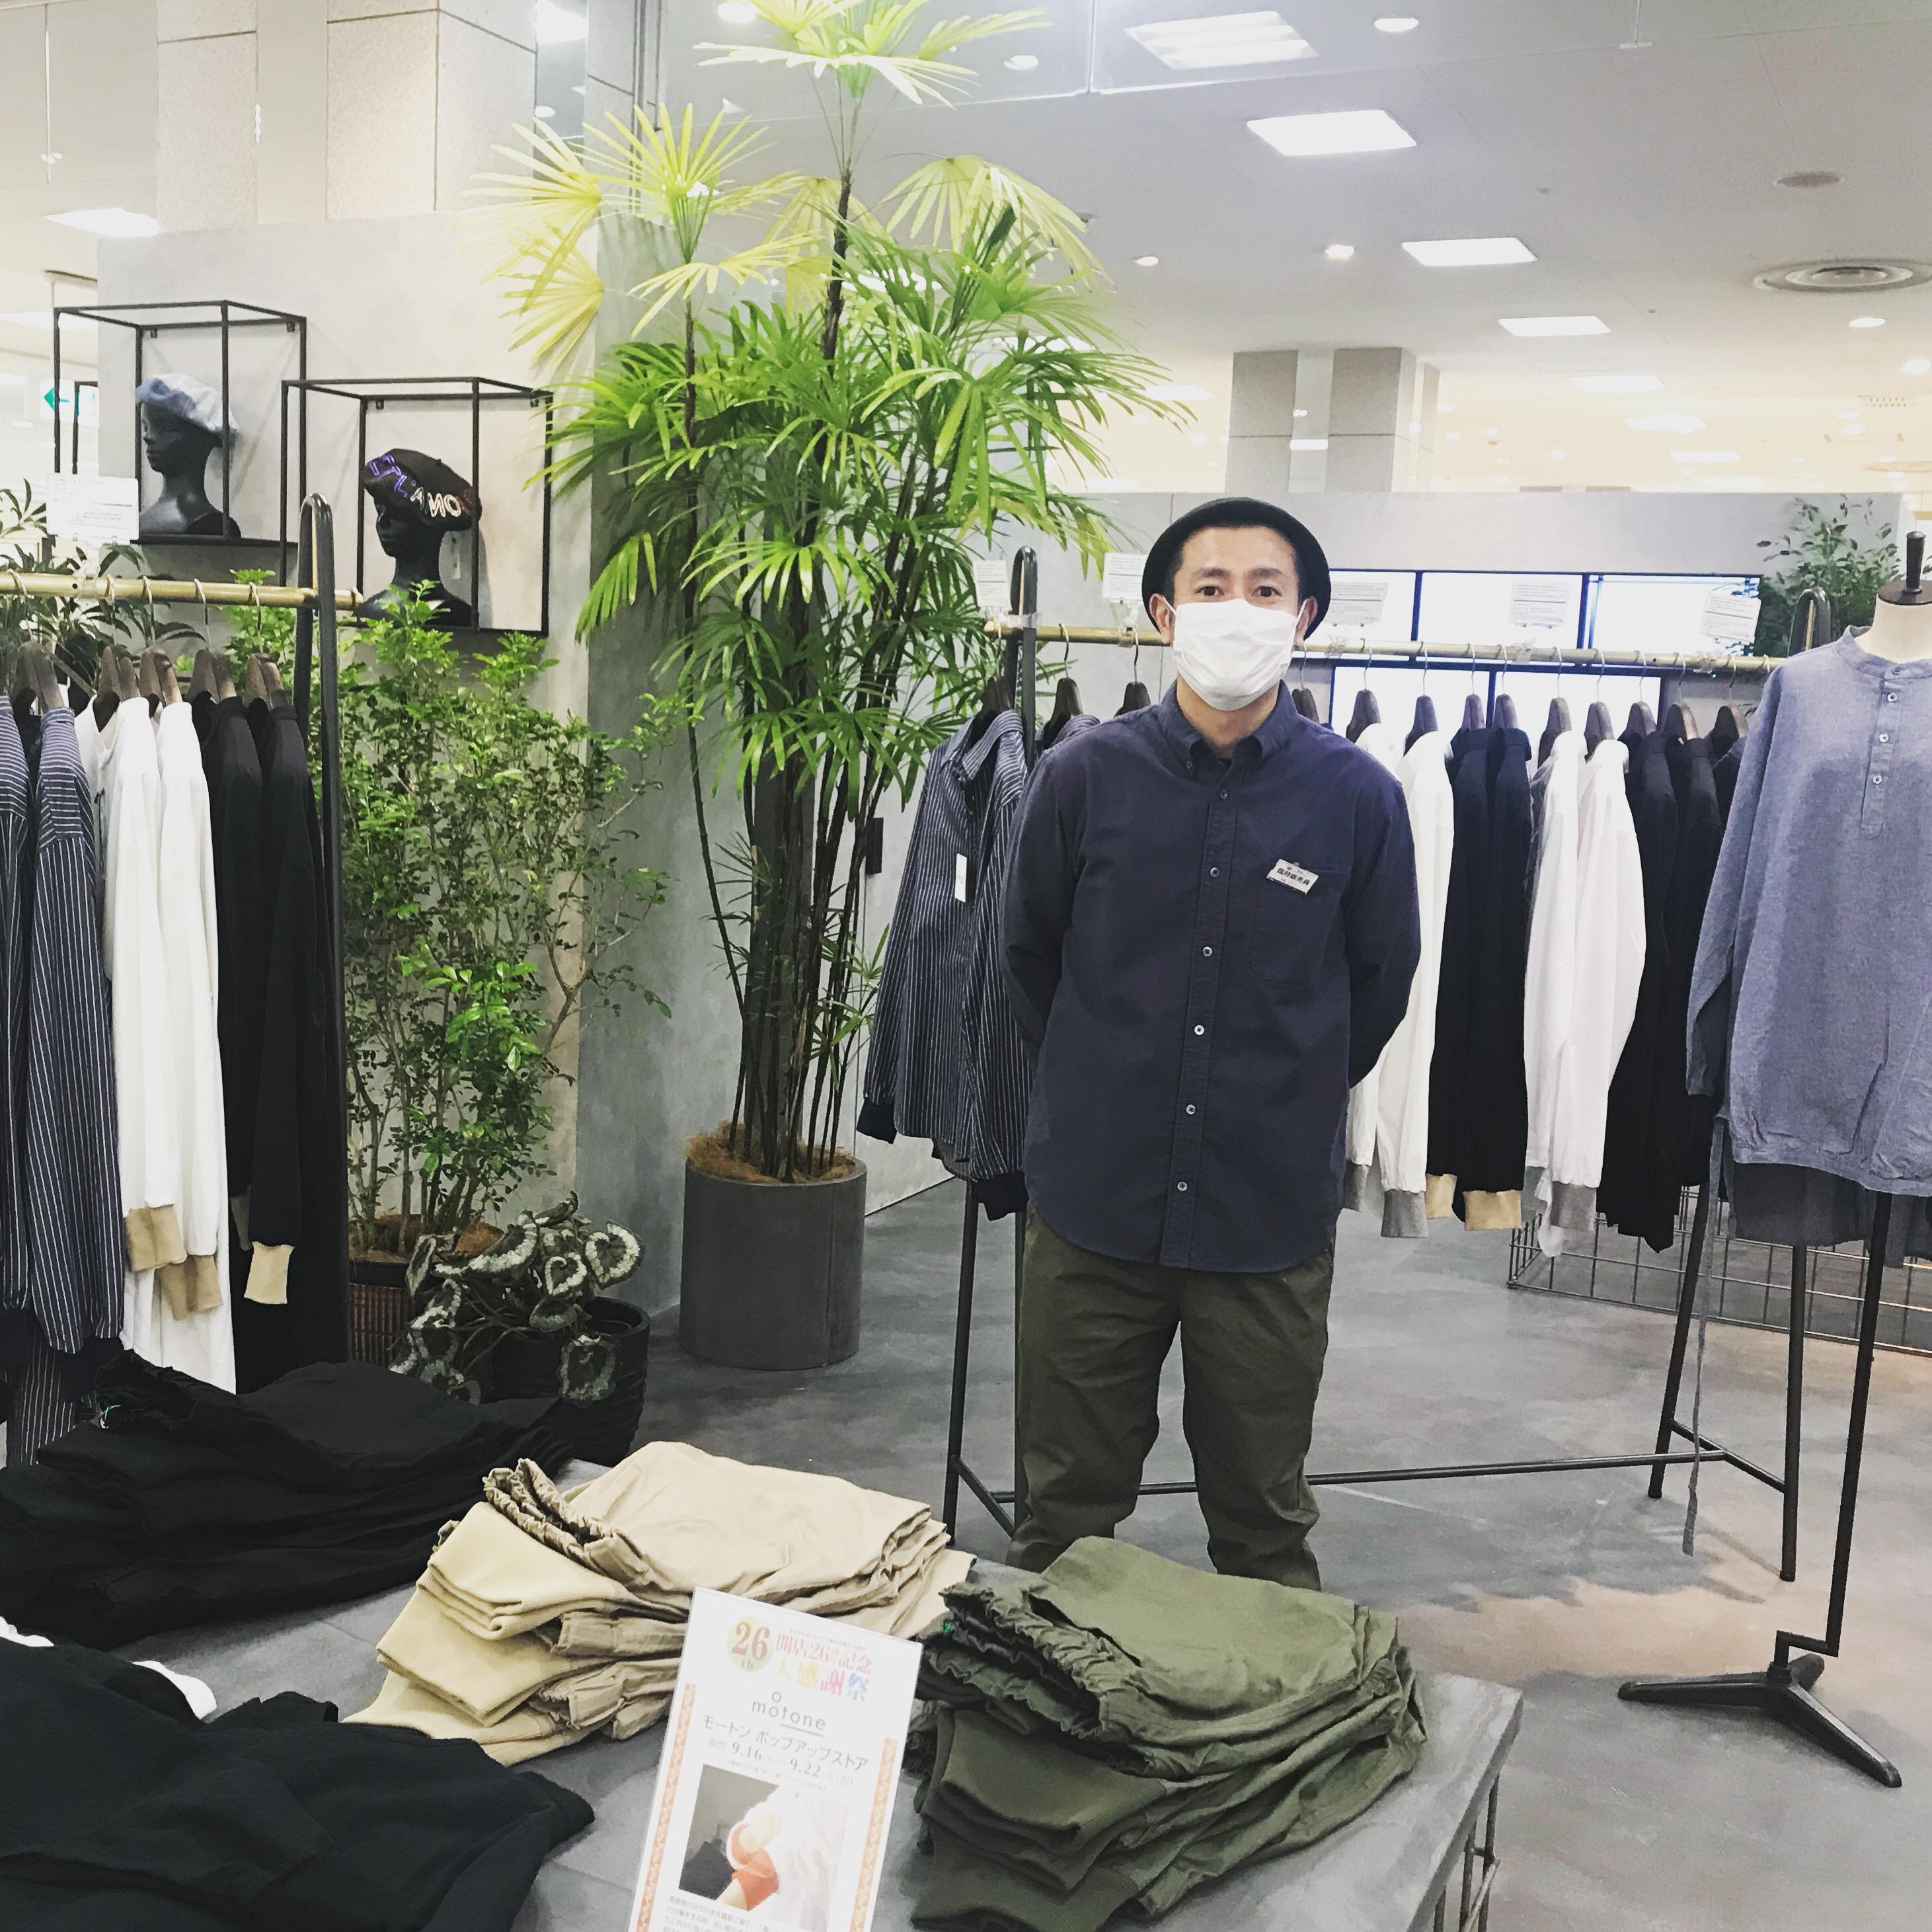 福田屋百貨店 宇都宮